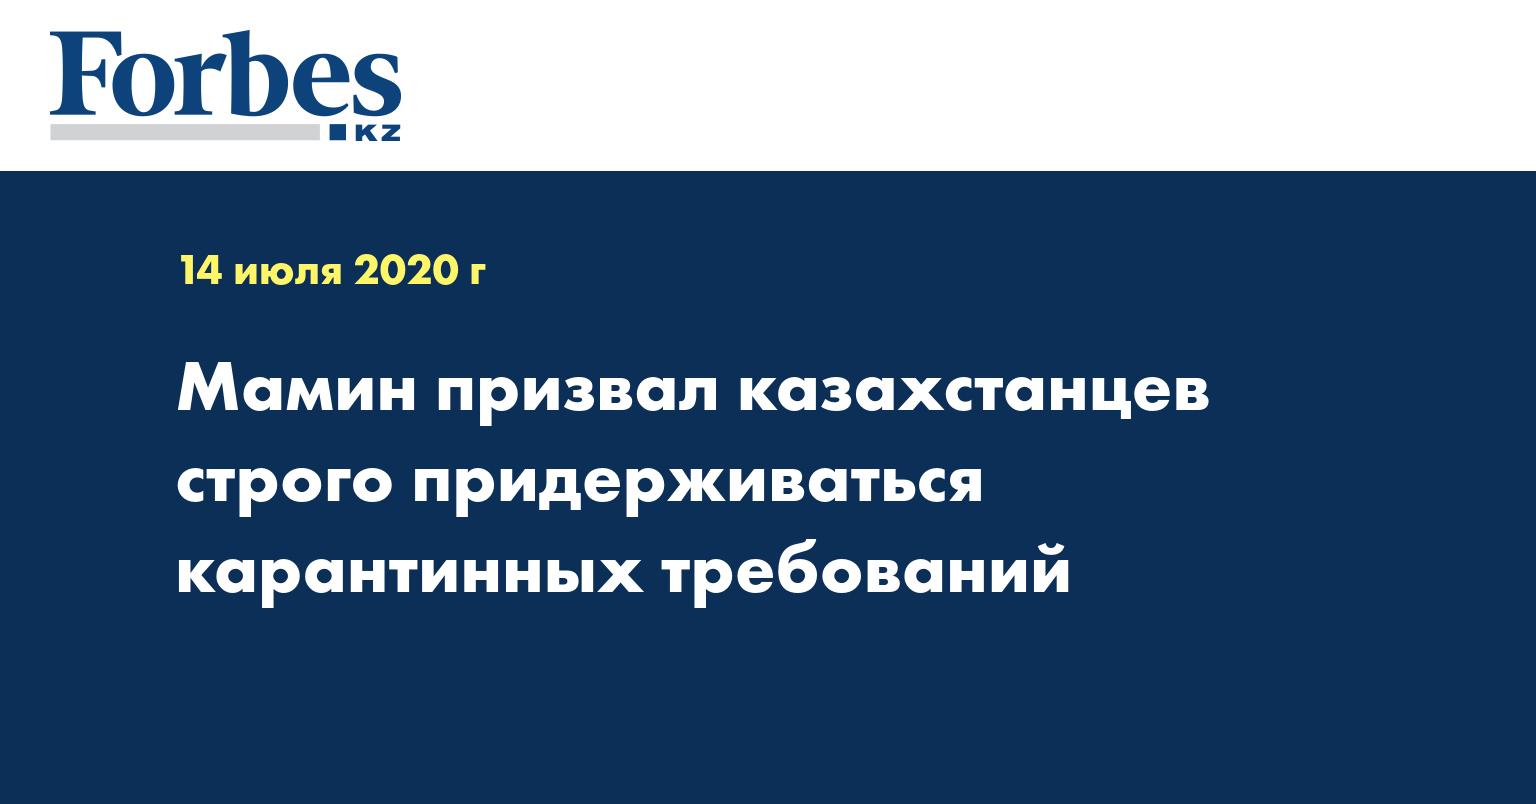 Мамин призвал казахстанцев строго придерживаться карантинных требований